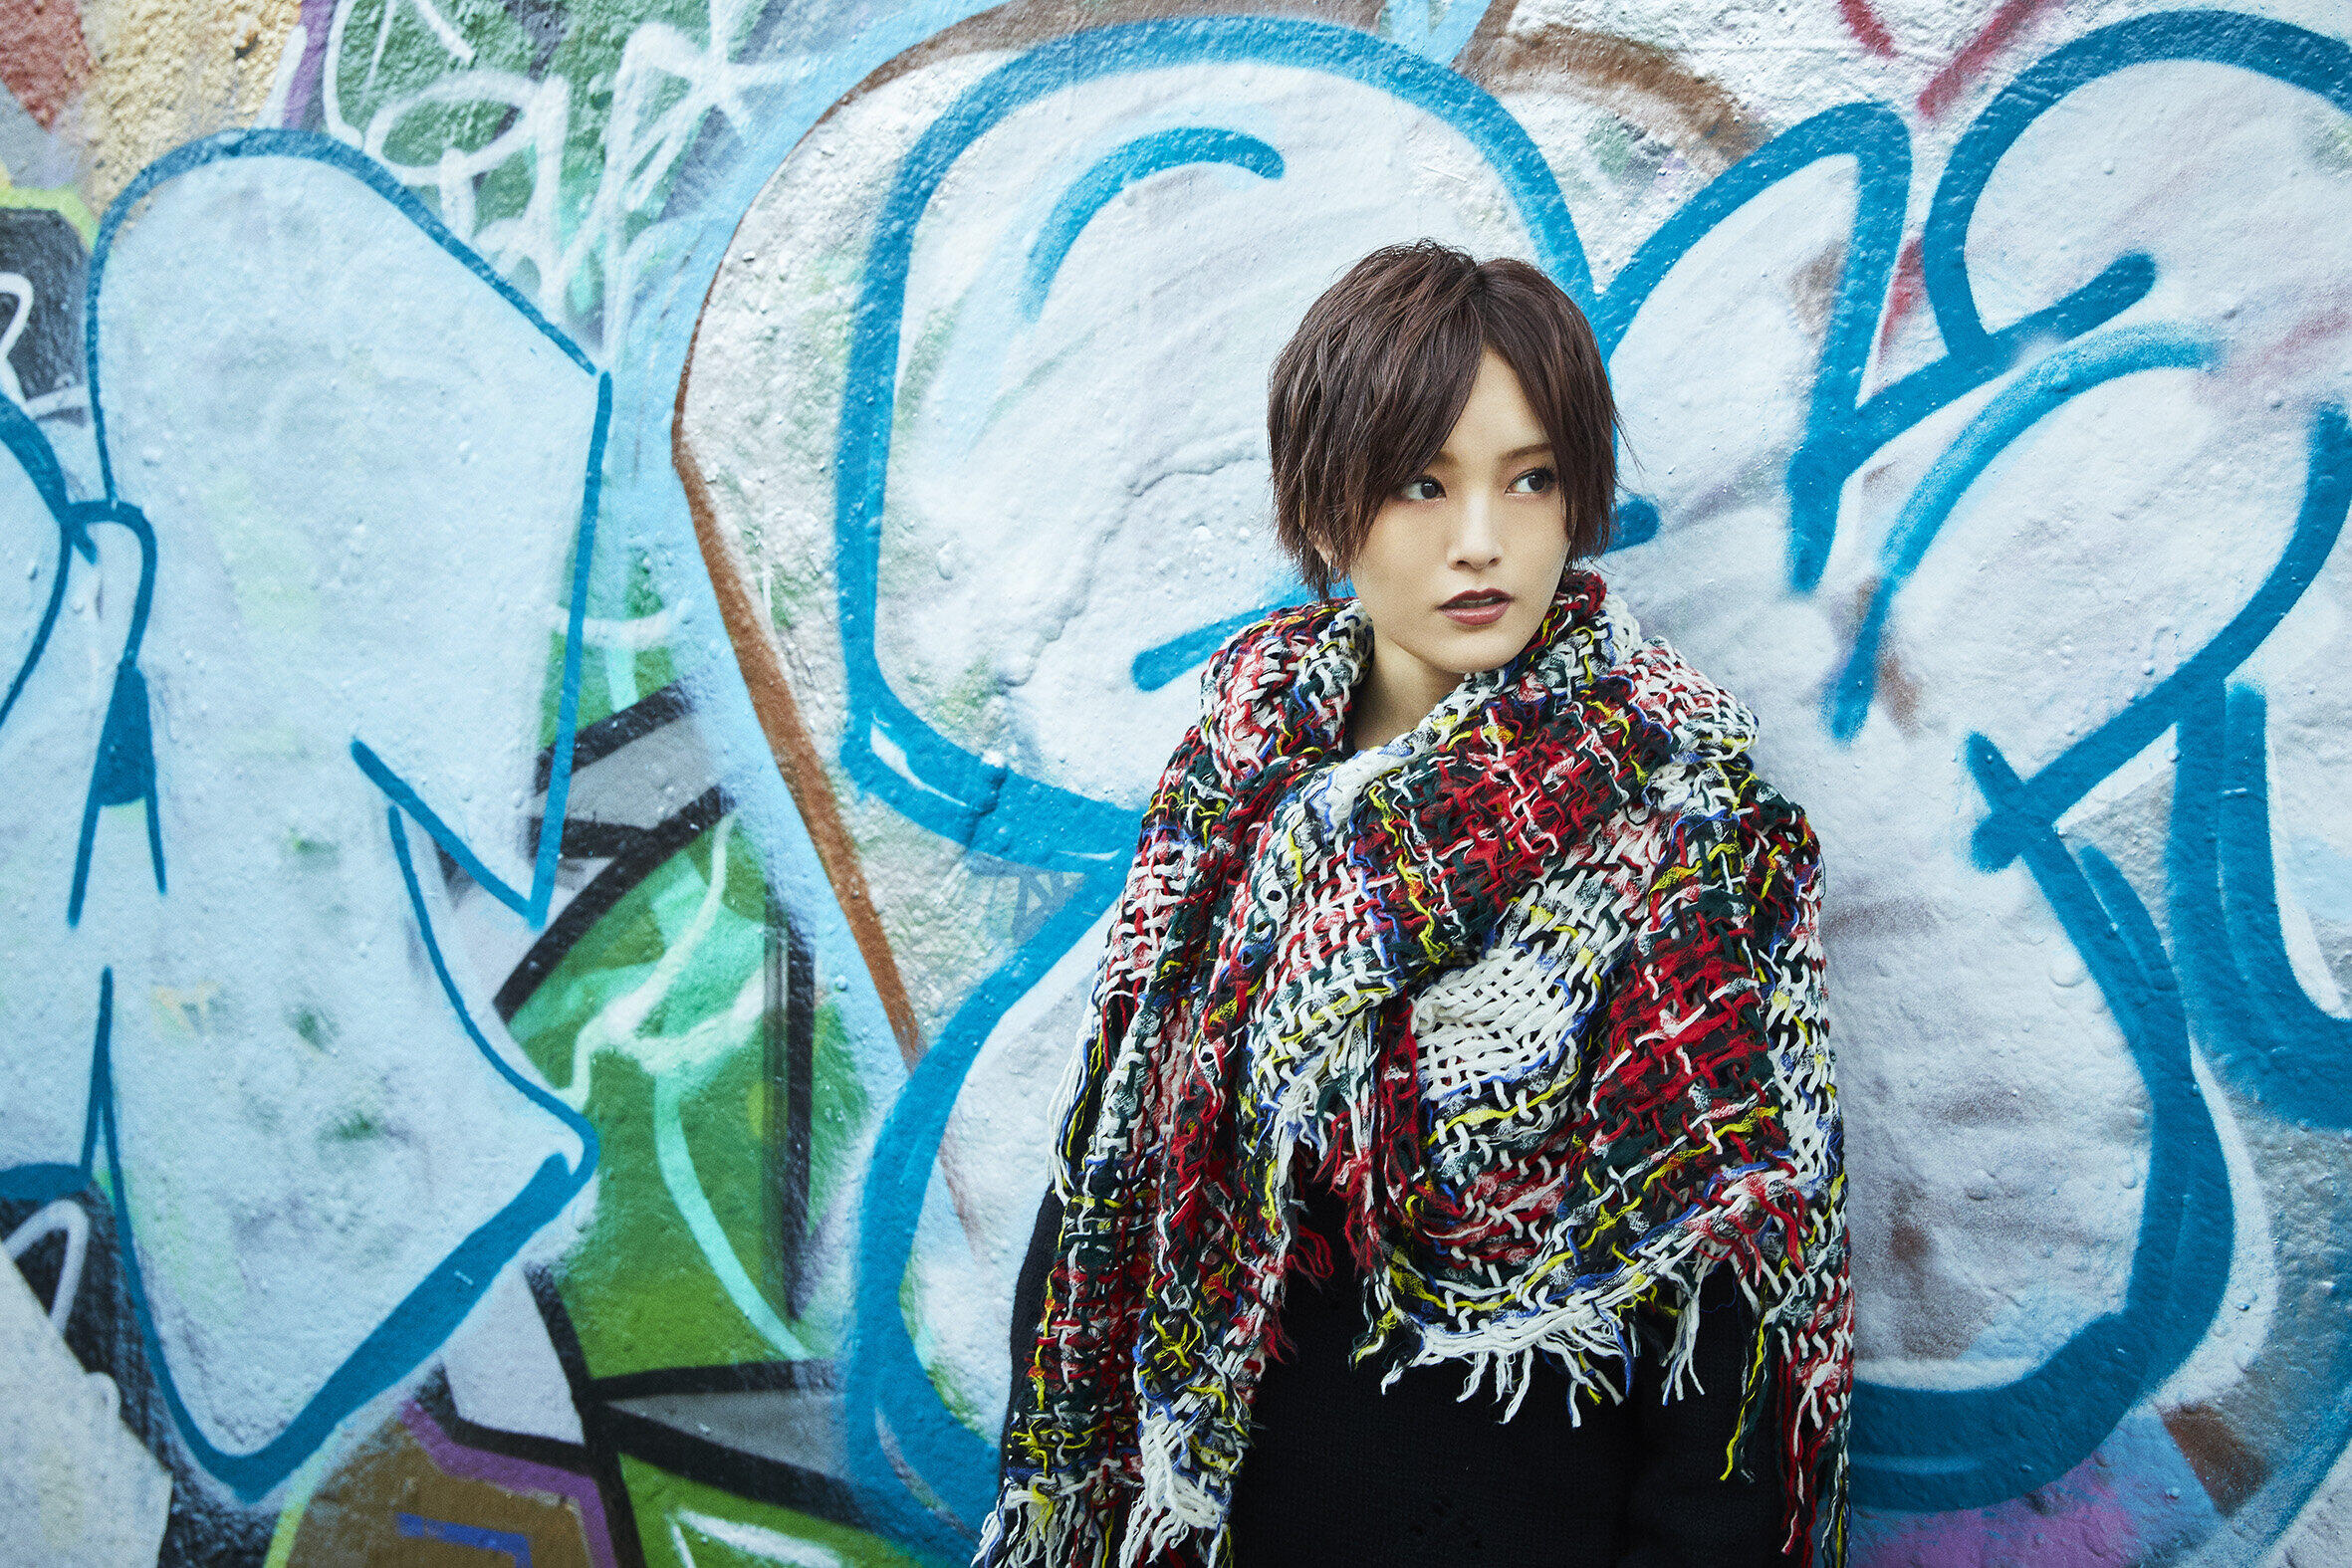 シンガーソングライターの山本彩さん。追加ゲストとしてリモート出演が決定。